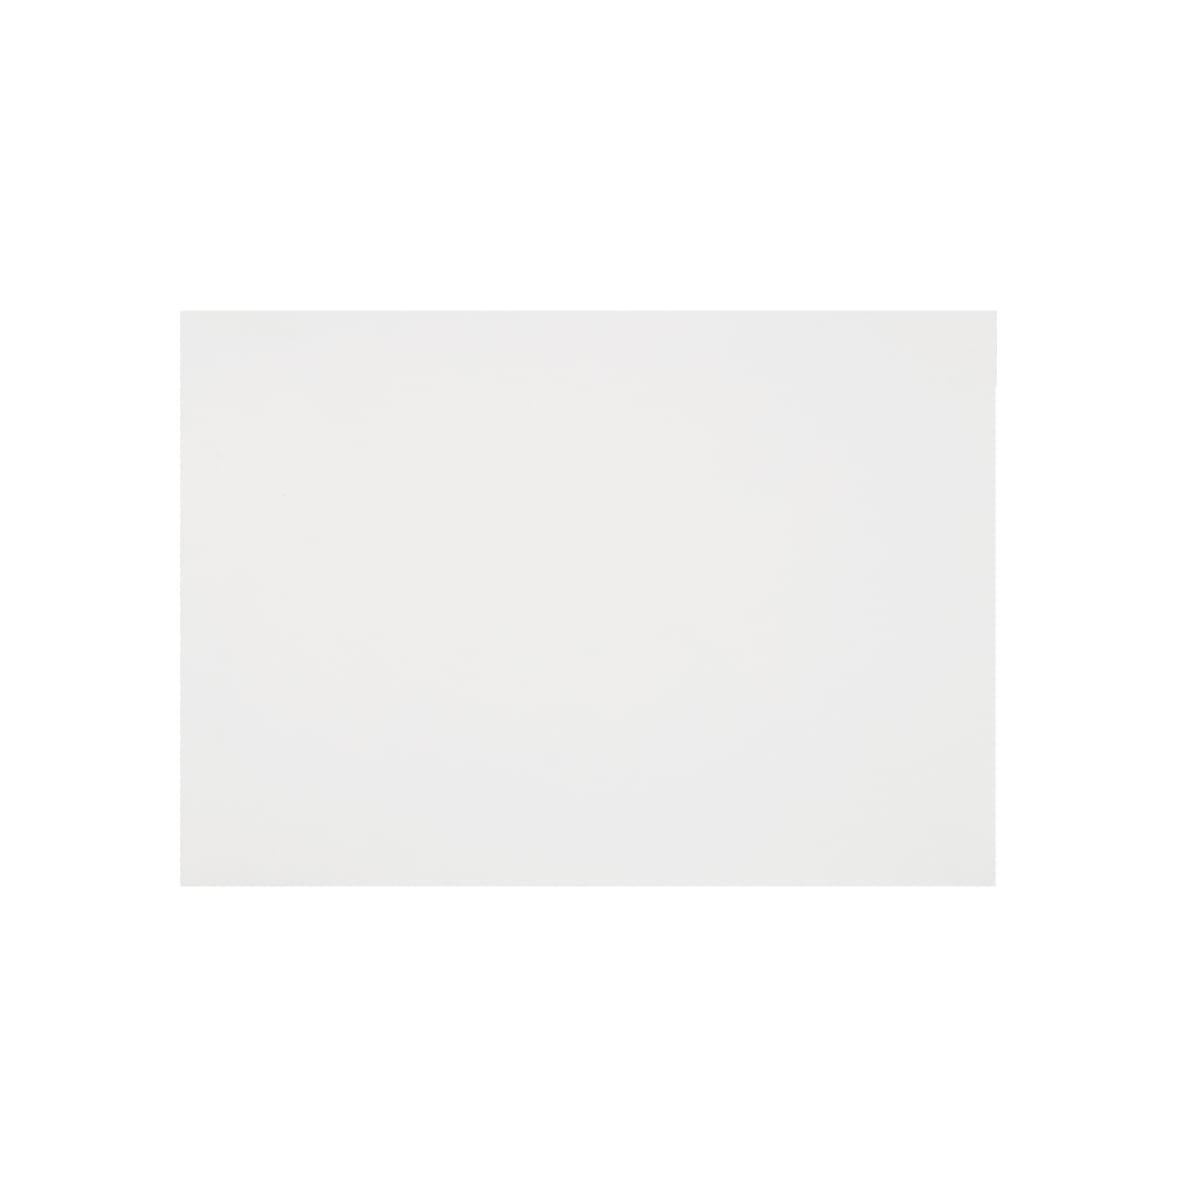 C5 DIAMOND WHITE 135GSM FINE LINEN EFFECT ENVELOPES